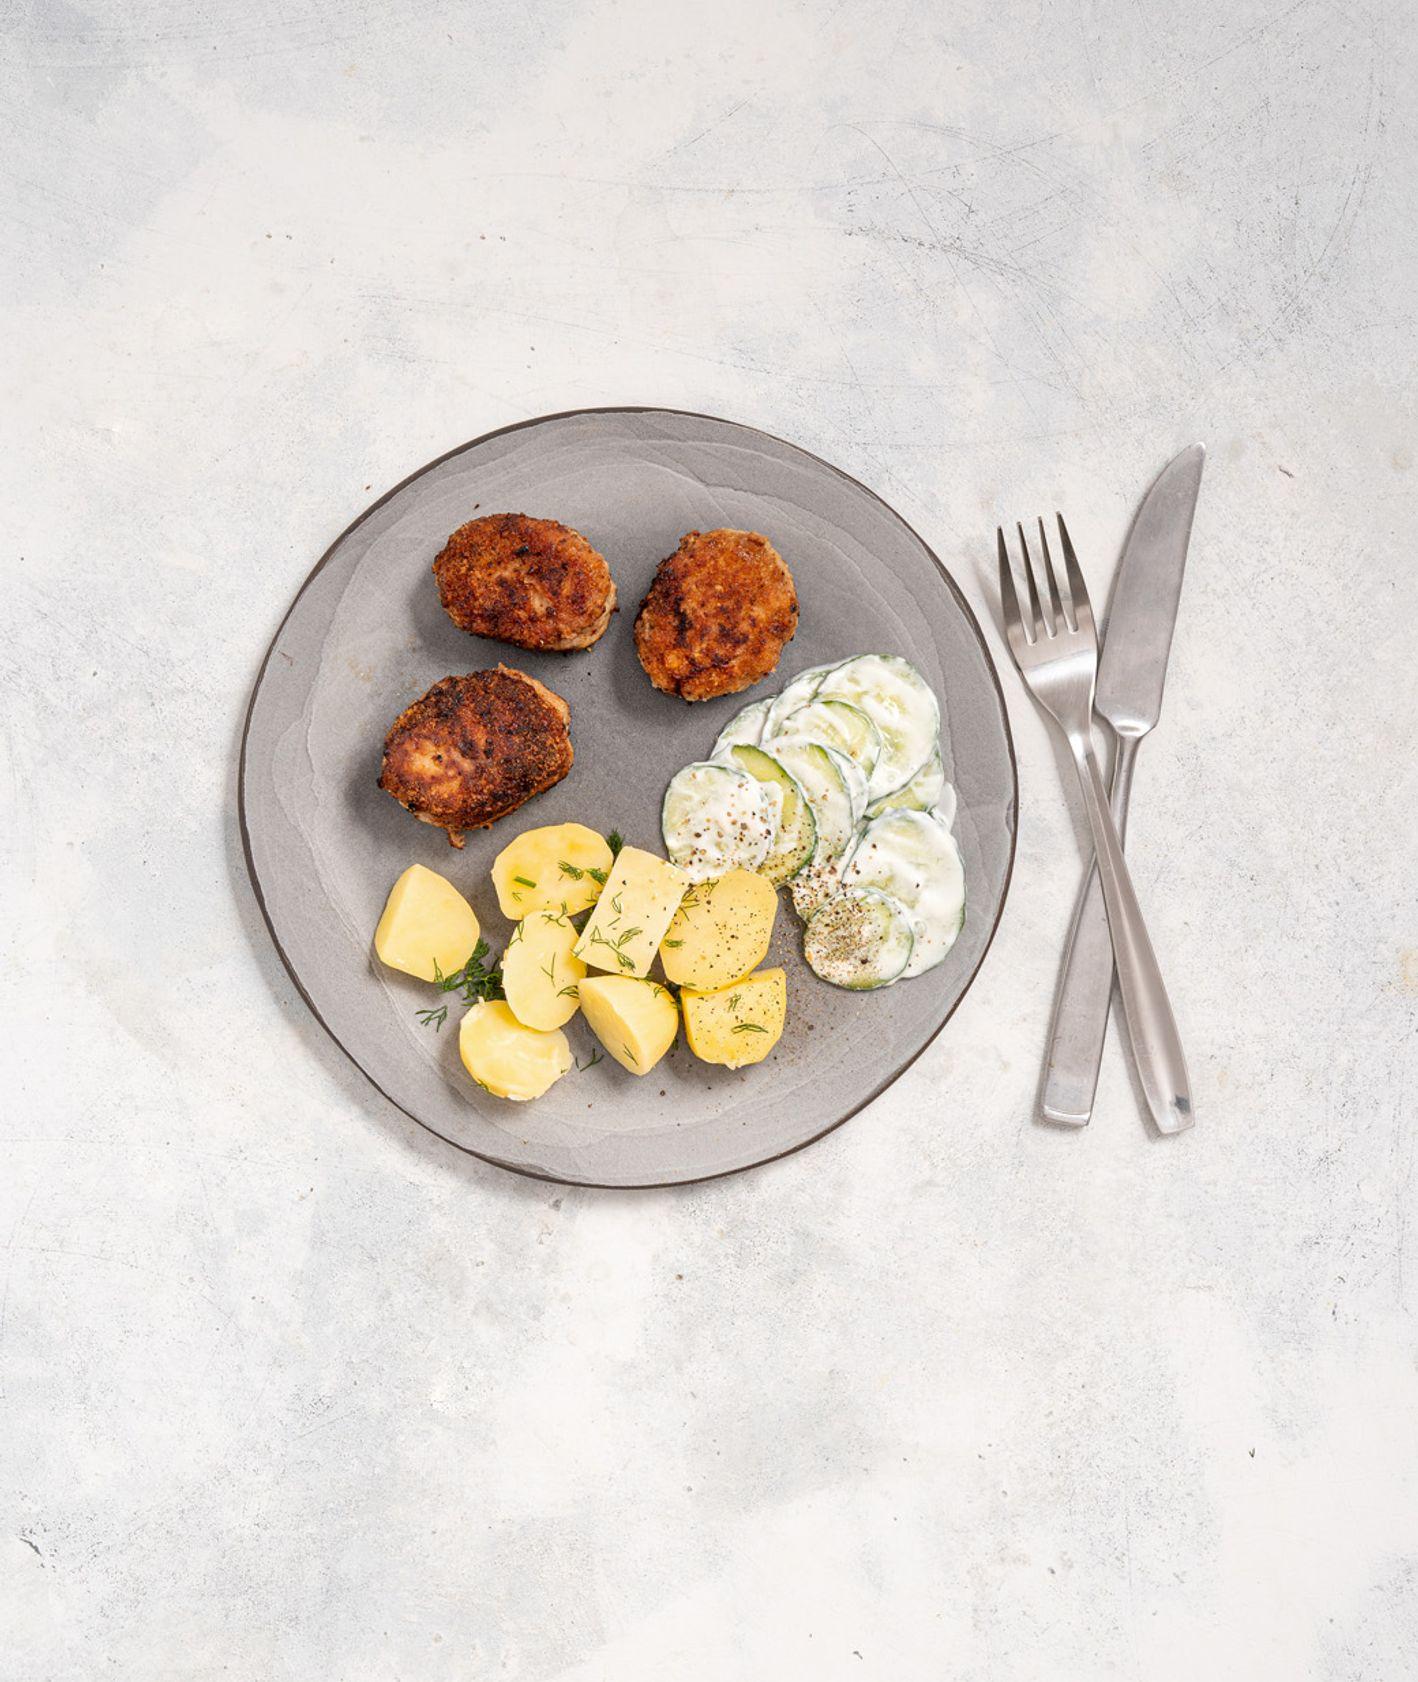 Mielone kotlety z mizerią i młodymi ziemniakami (fot. Martyna Cybuch)